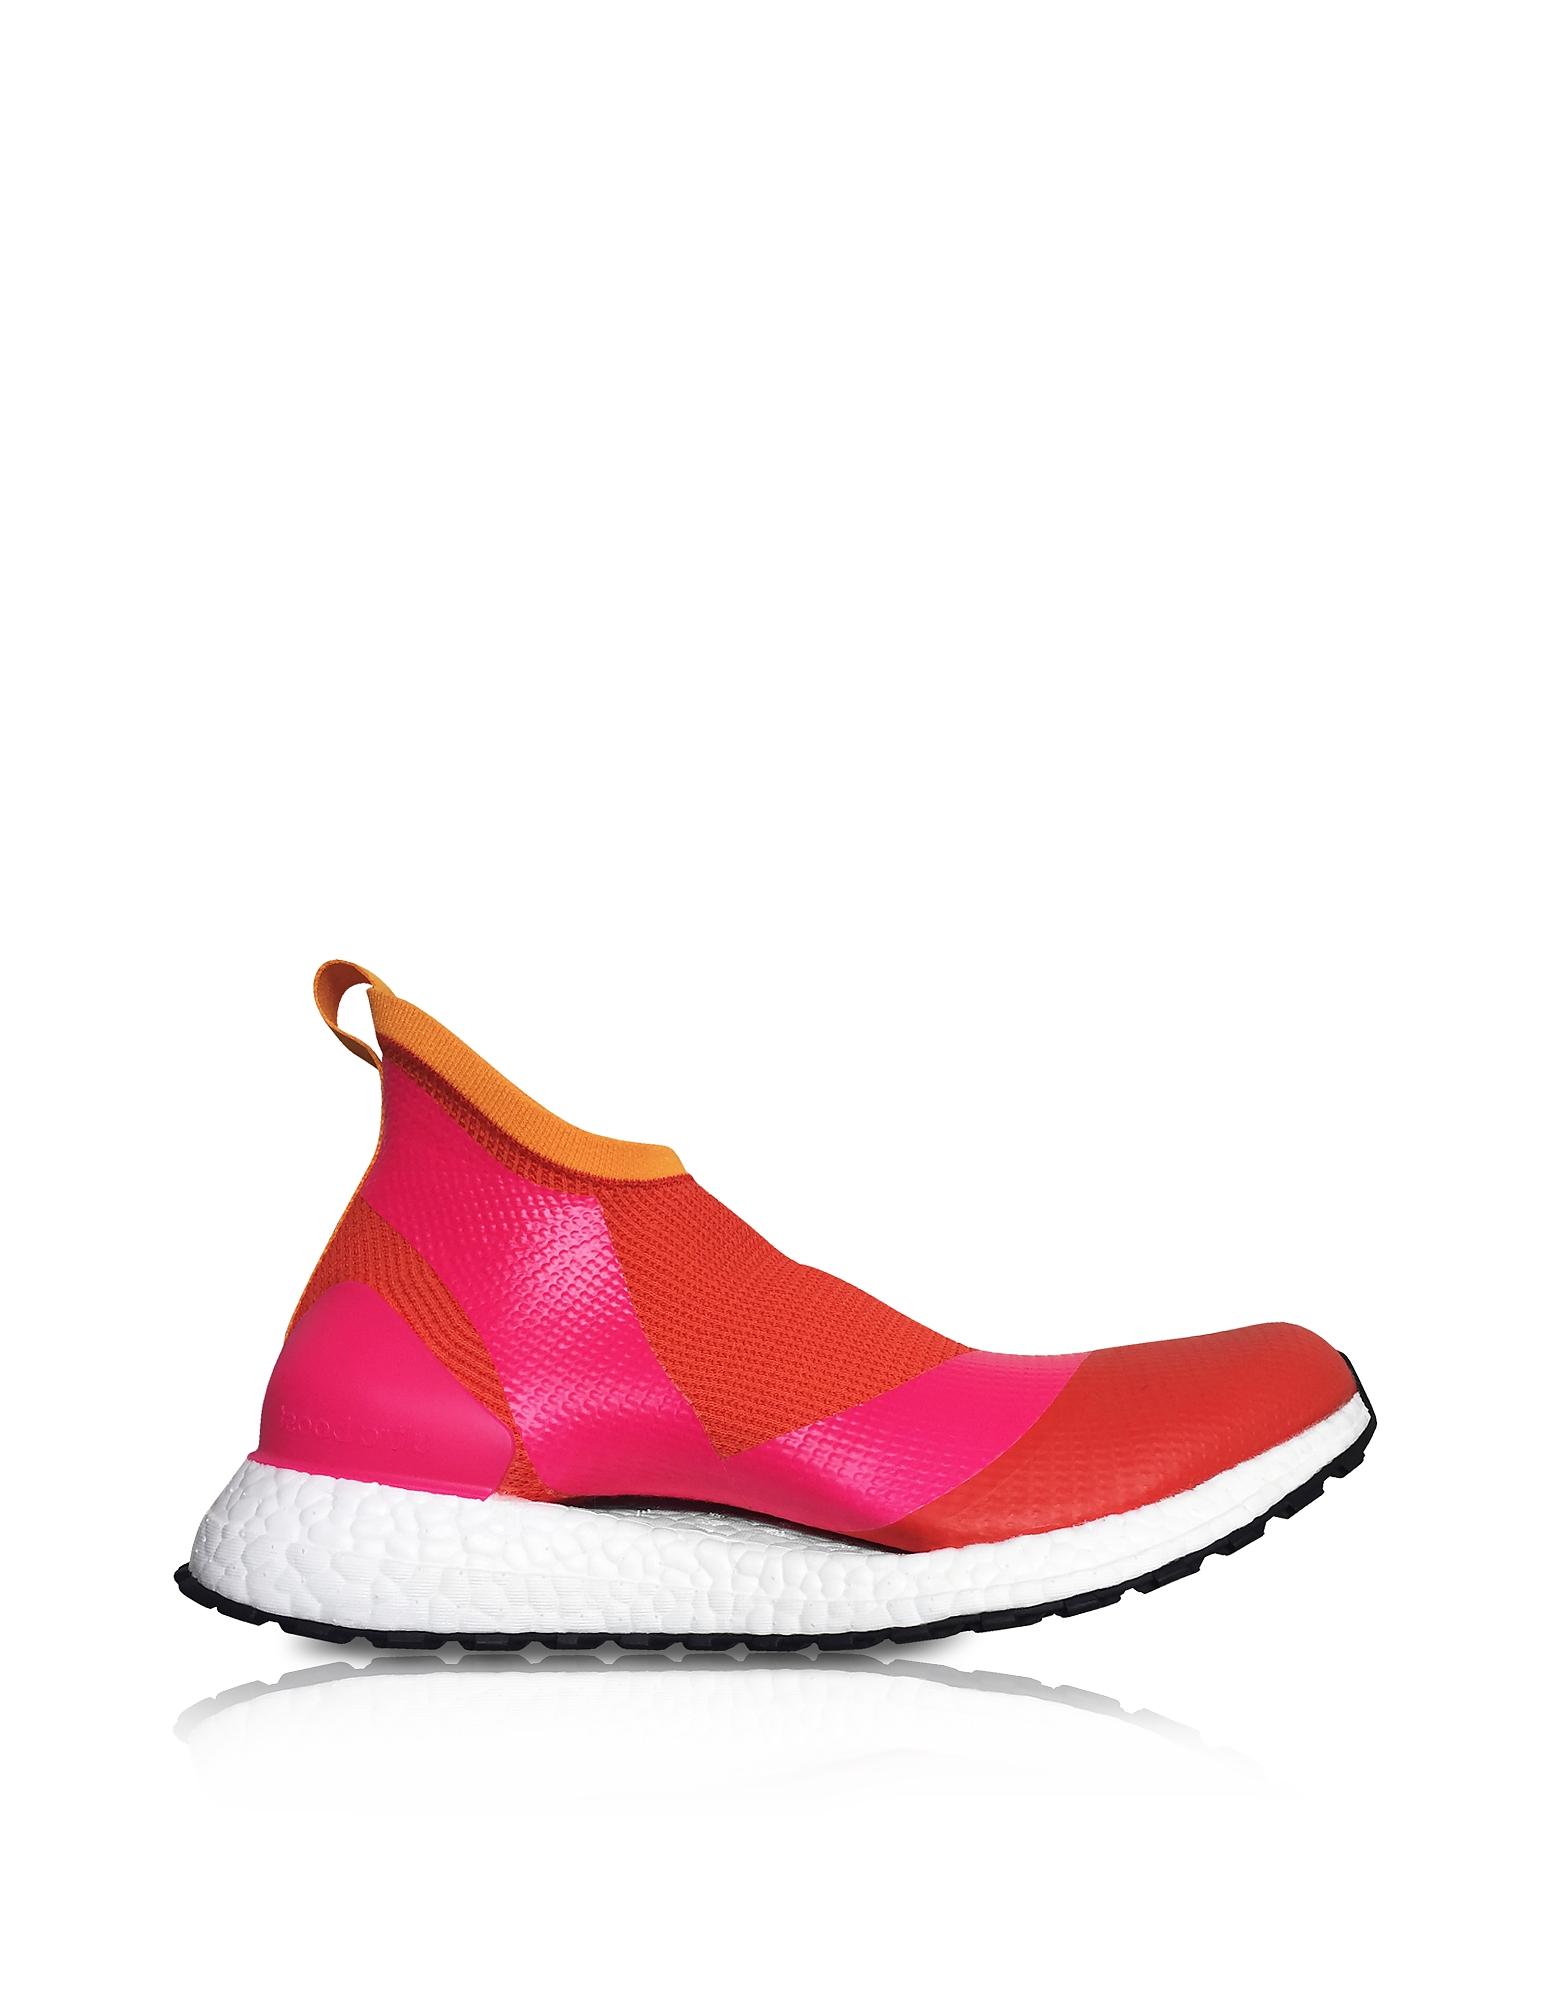 UltraBOOST X ATR44 Shock Pink Women's Sneakers